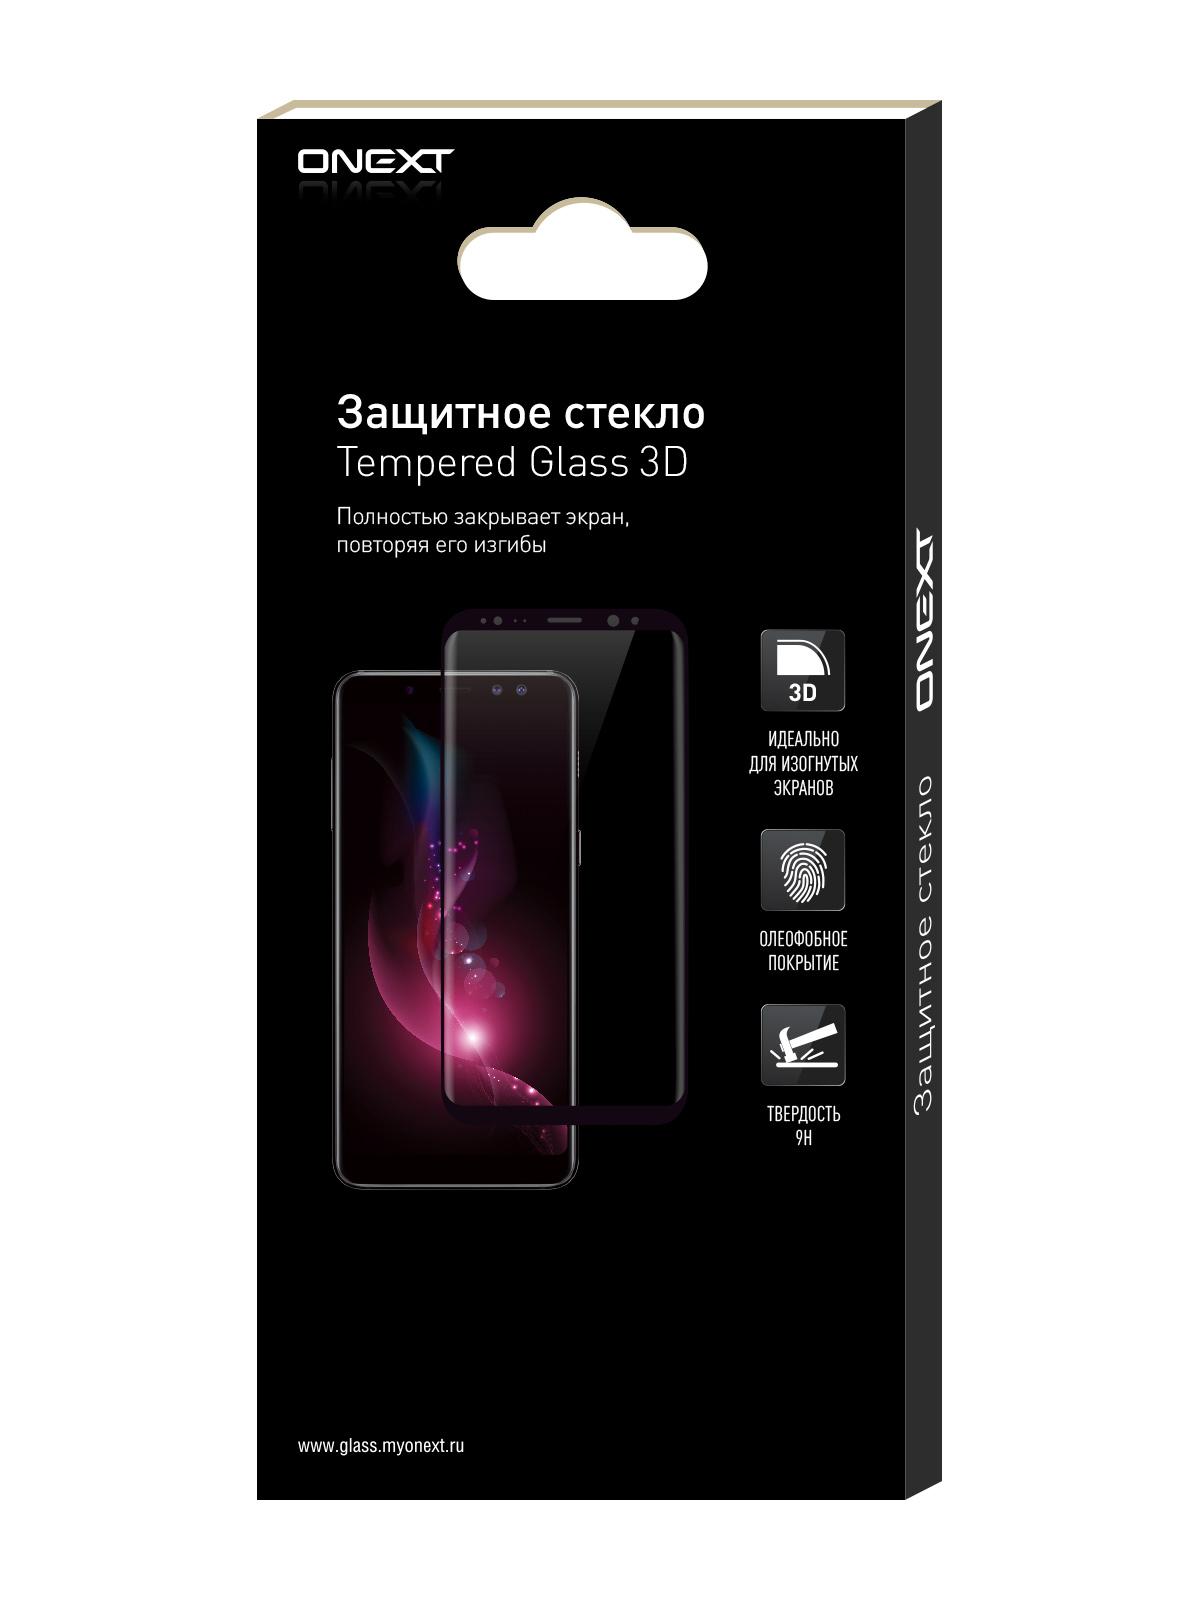 Защитное стекло ONEXT для Samsung Galaxy A8 Plus (2018) Black